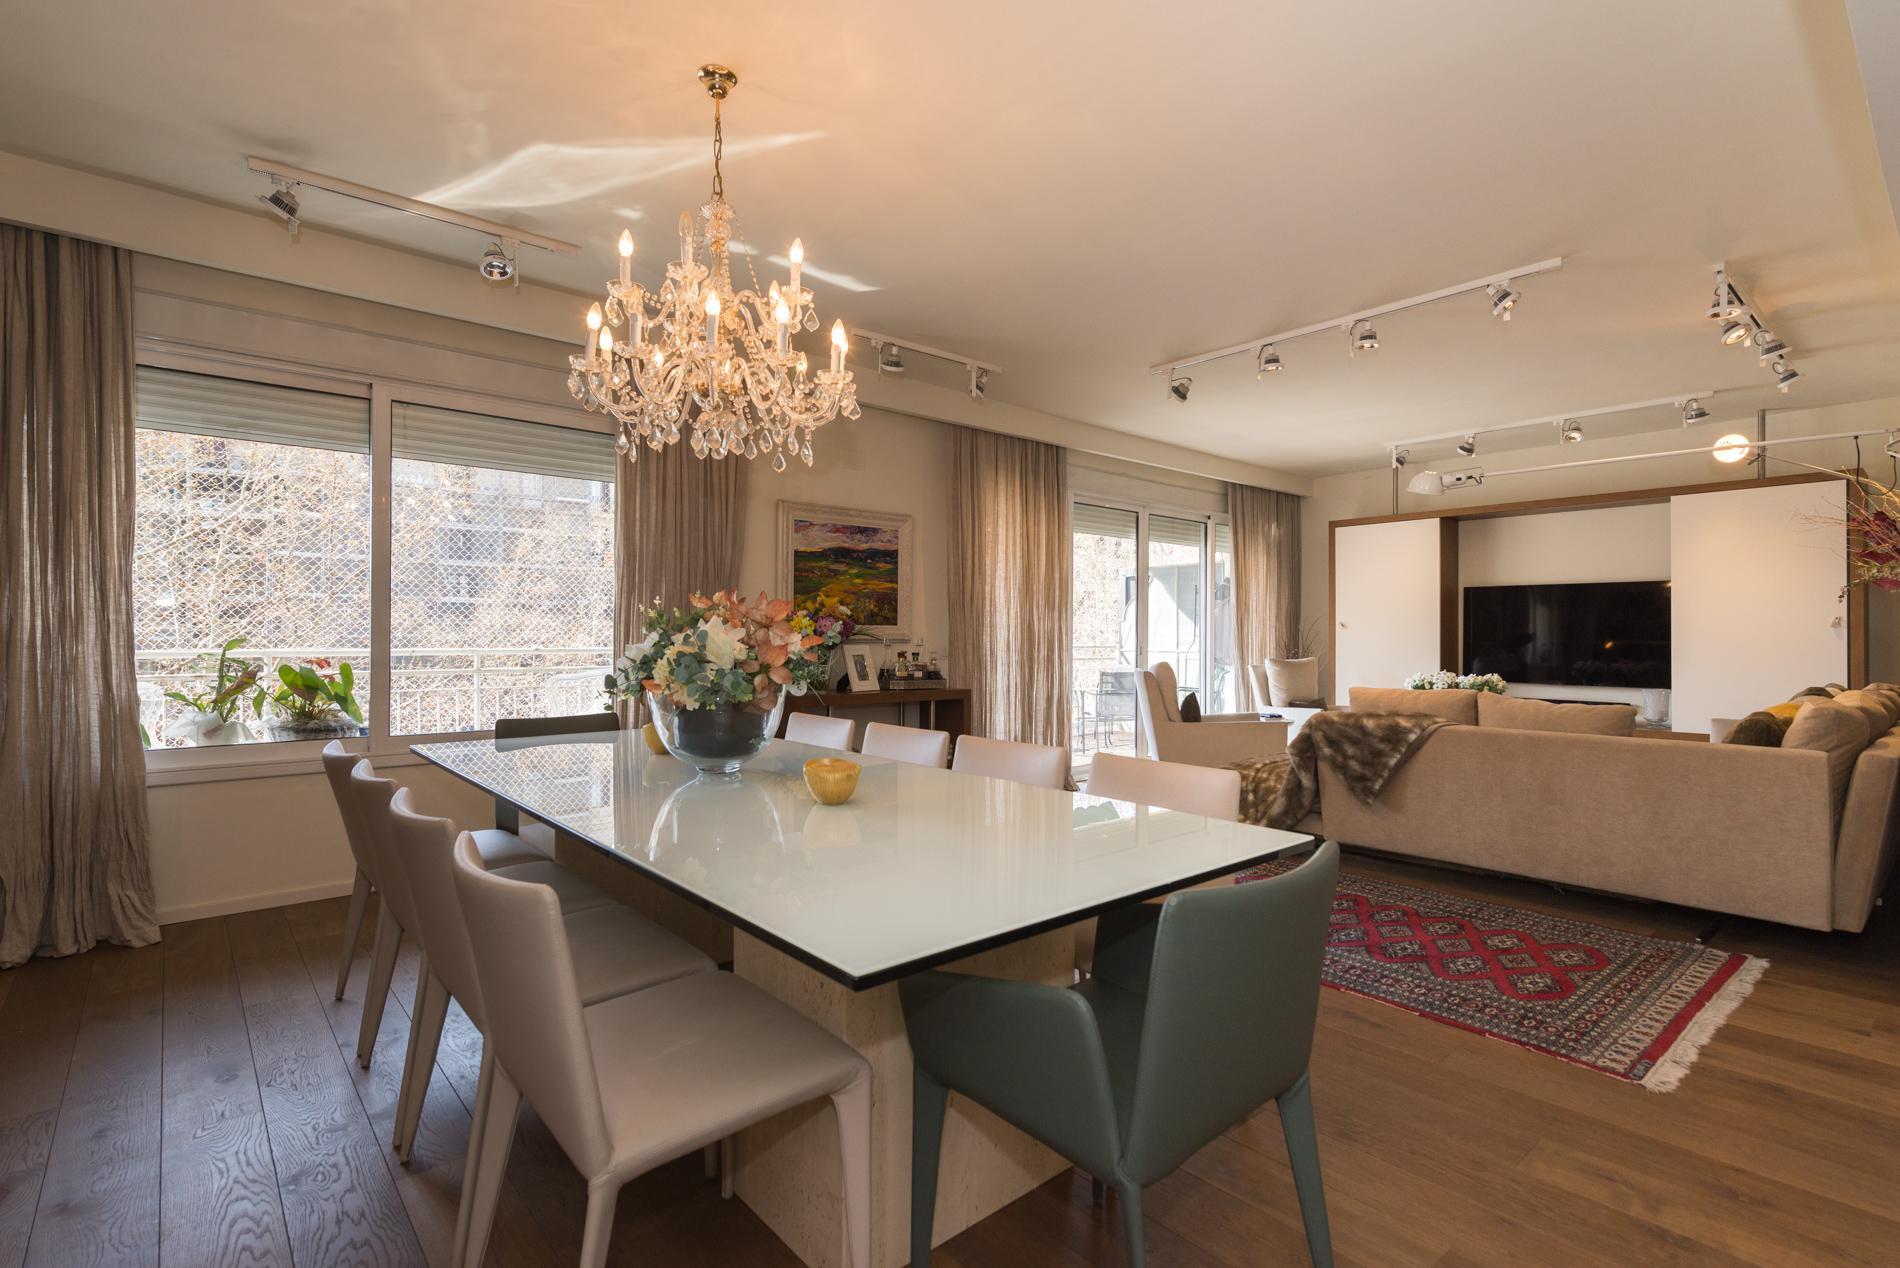 222426 Apartment for sale in Eixample, Dreta Eixample 9